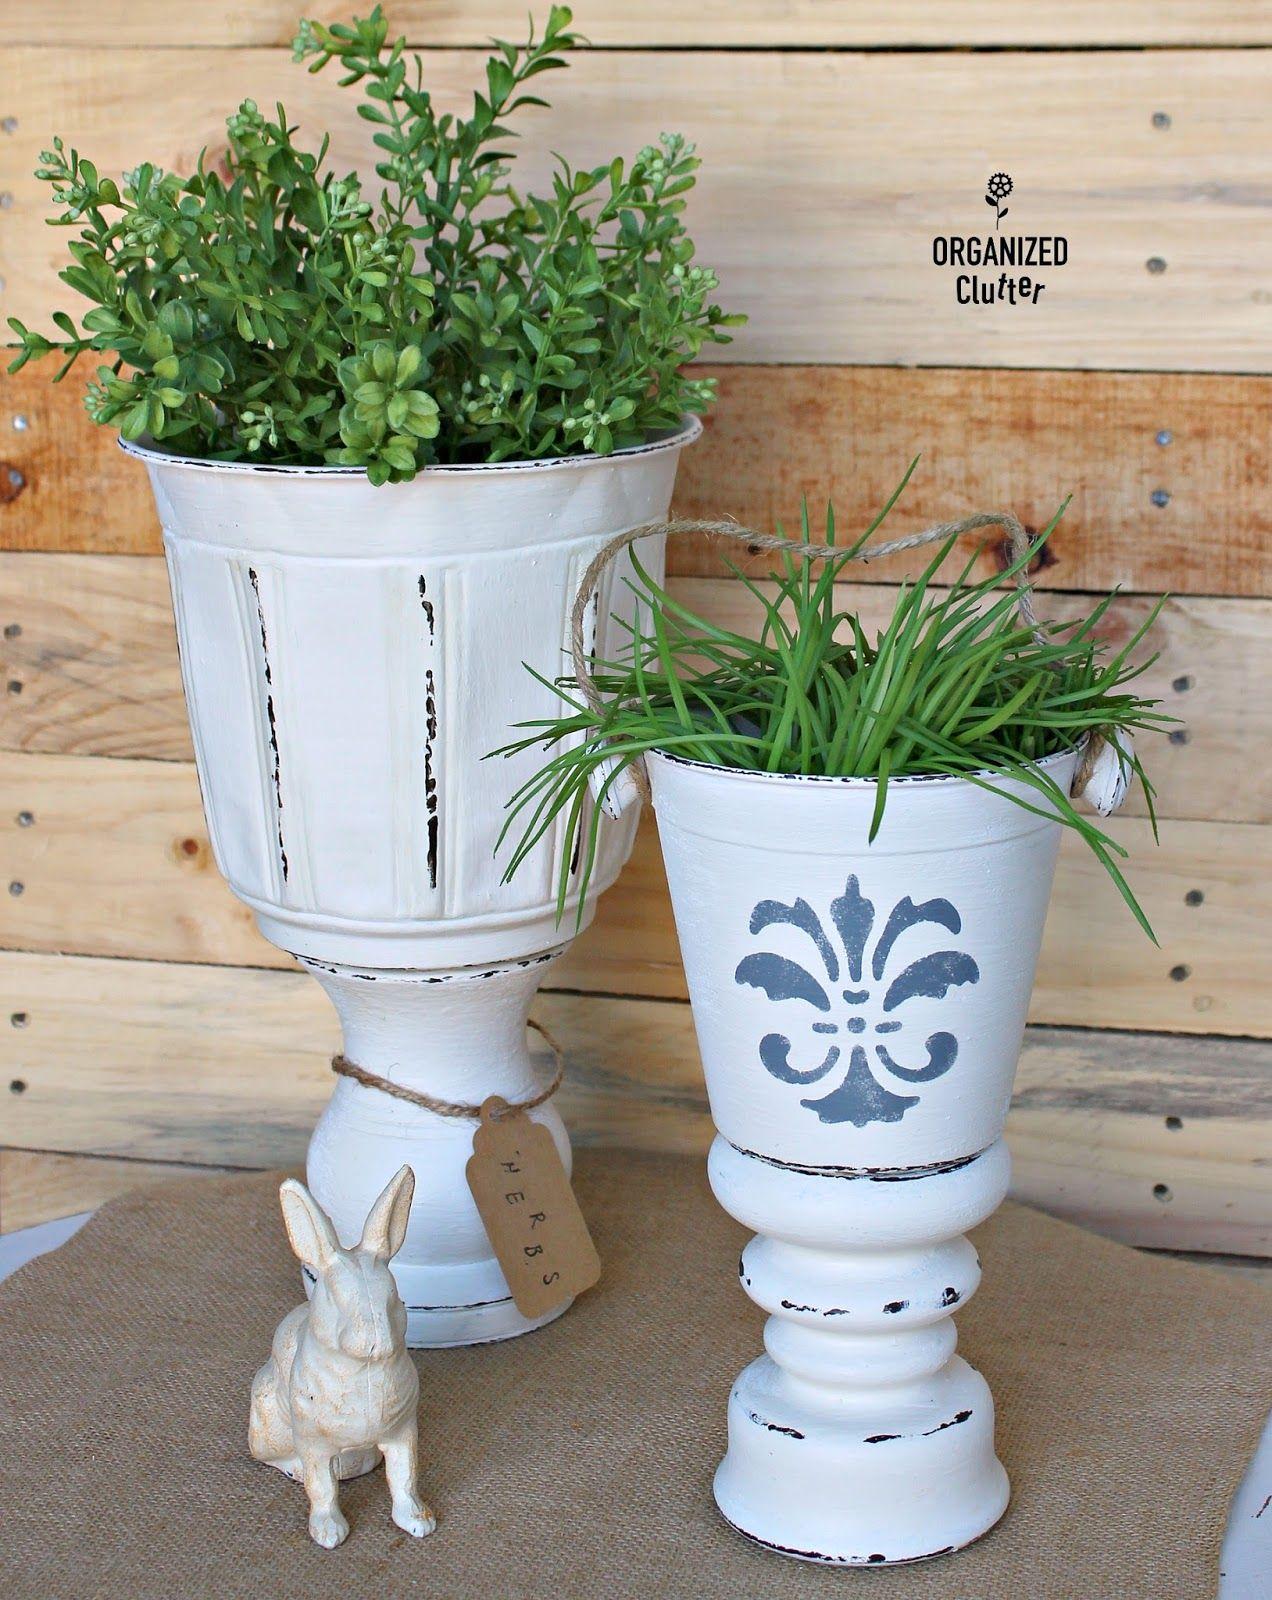 Diy Planter Urns From Thrift Shop Finds Thrift Shop 400 x 300